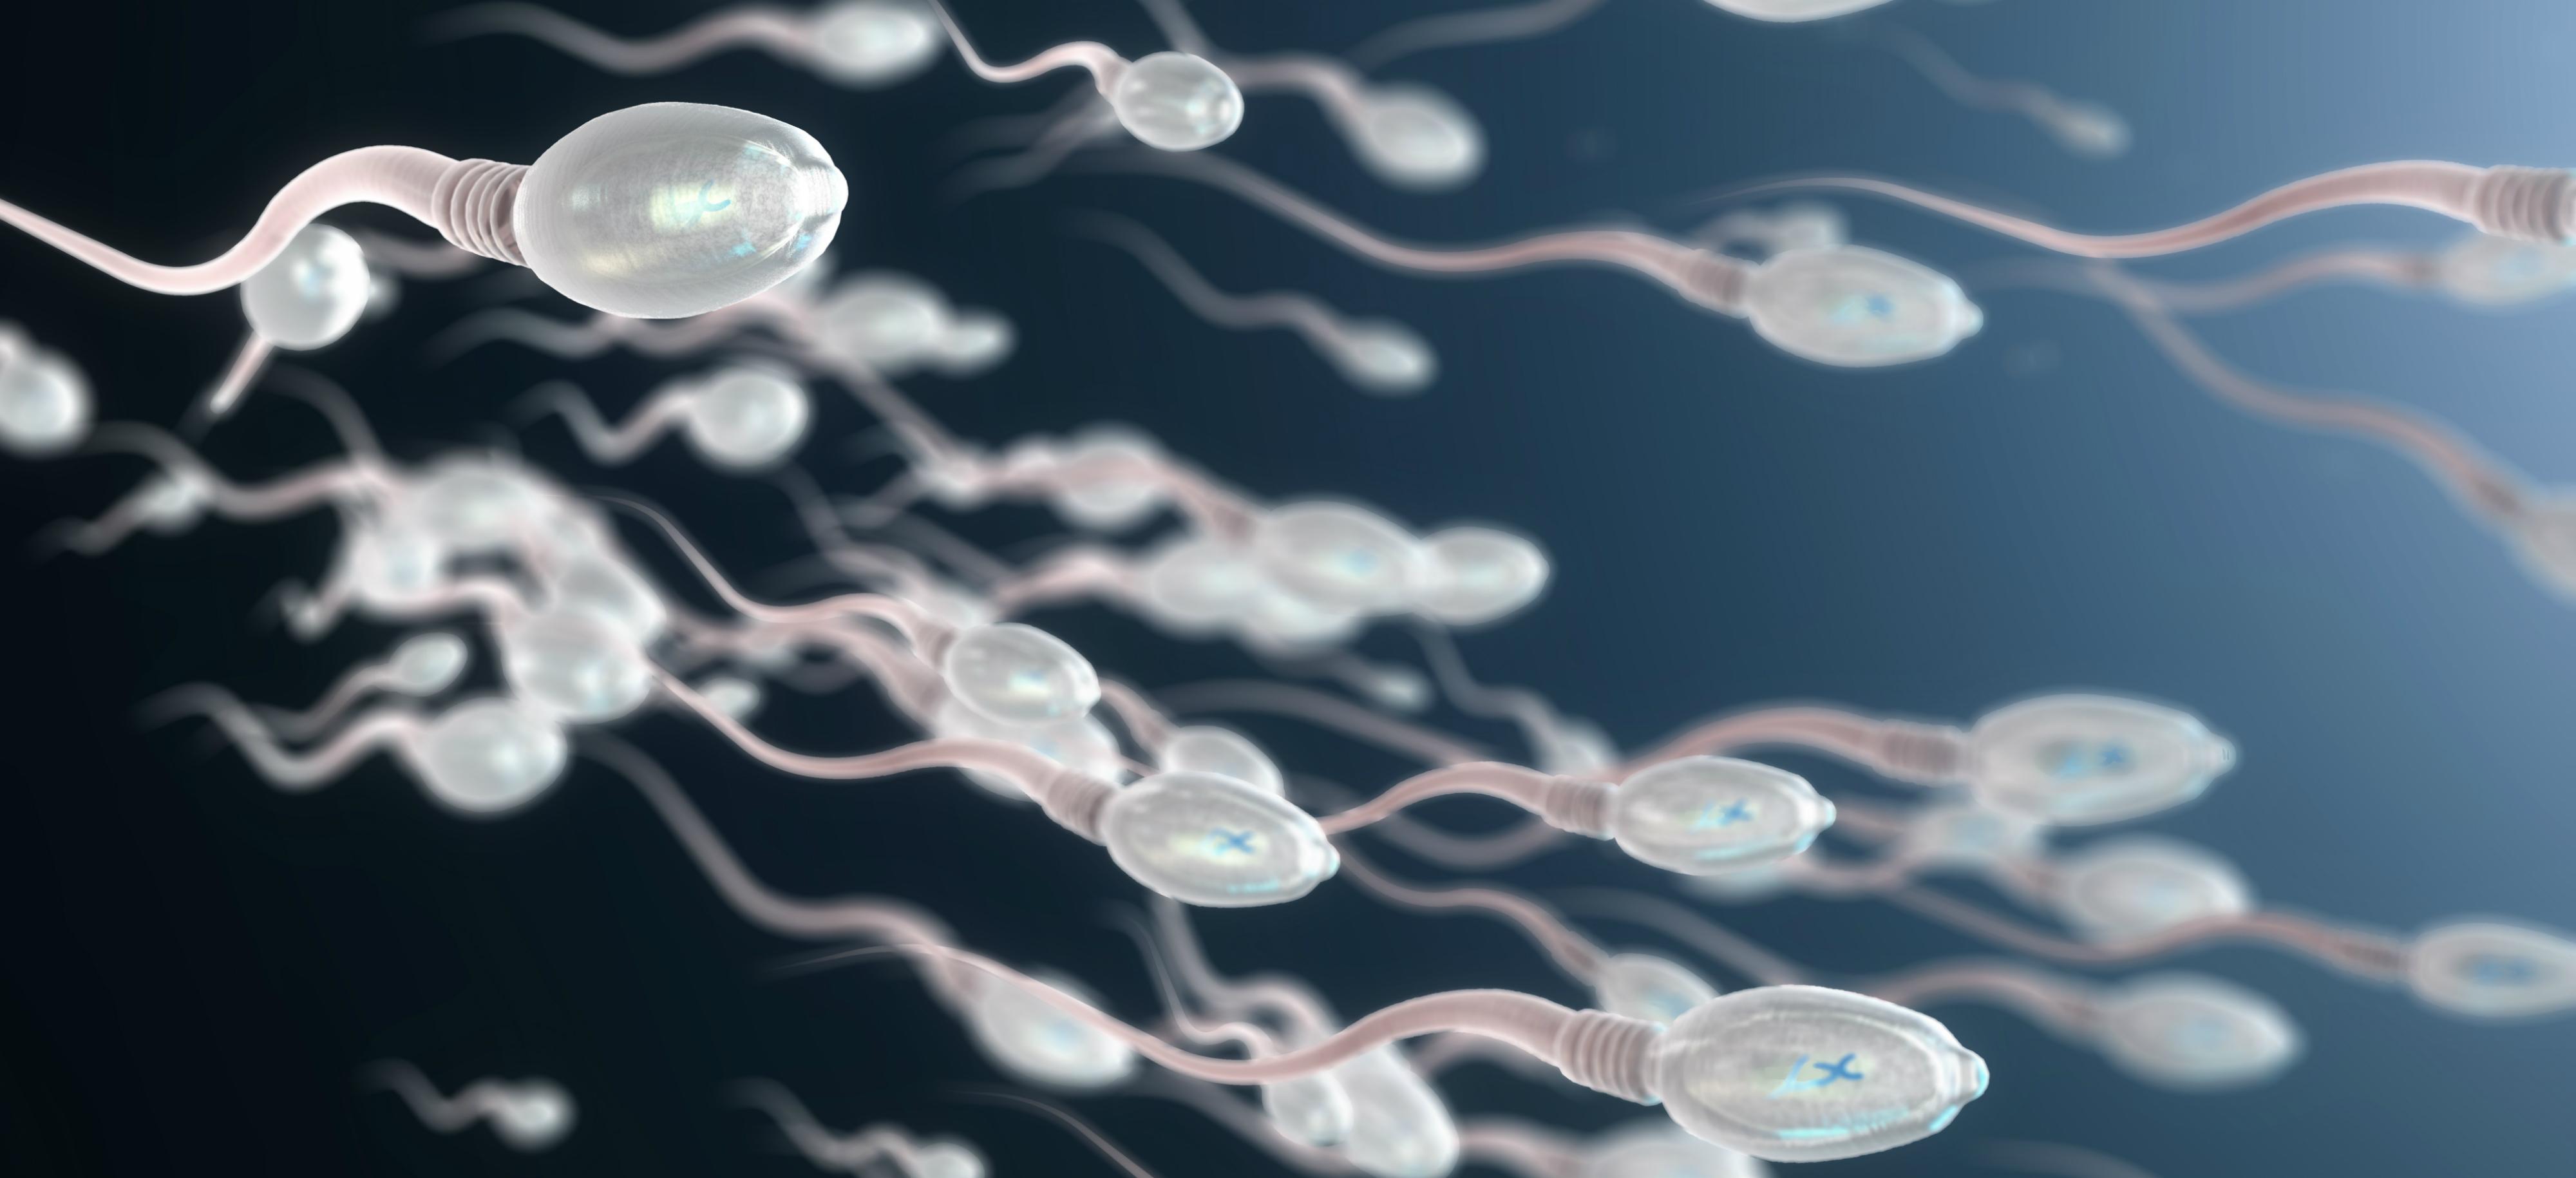 wo macht man ein spermiogramm